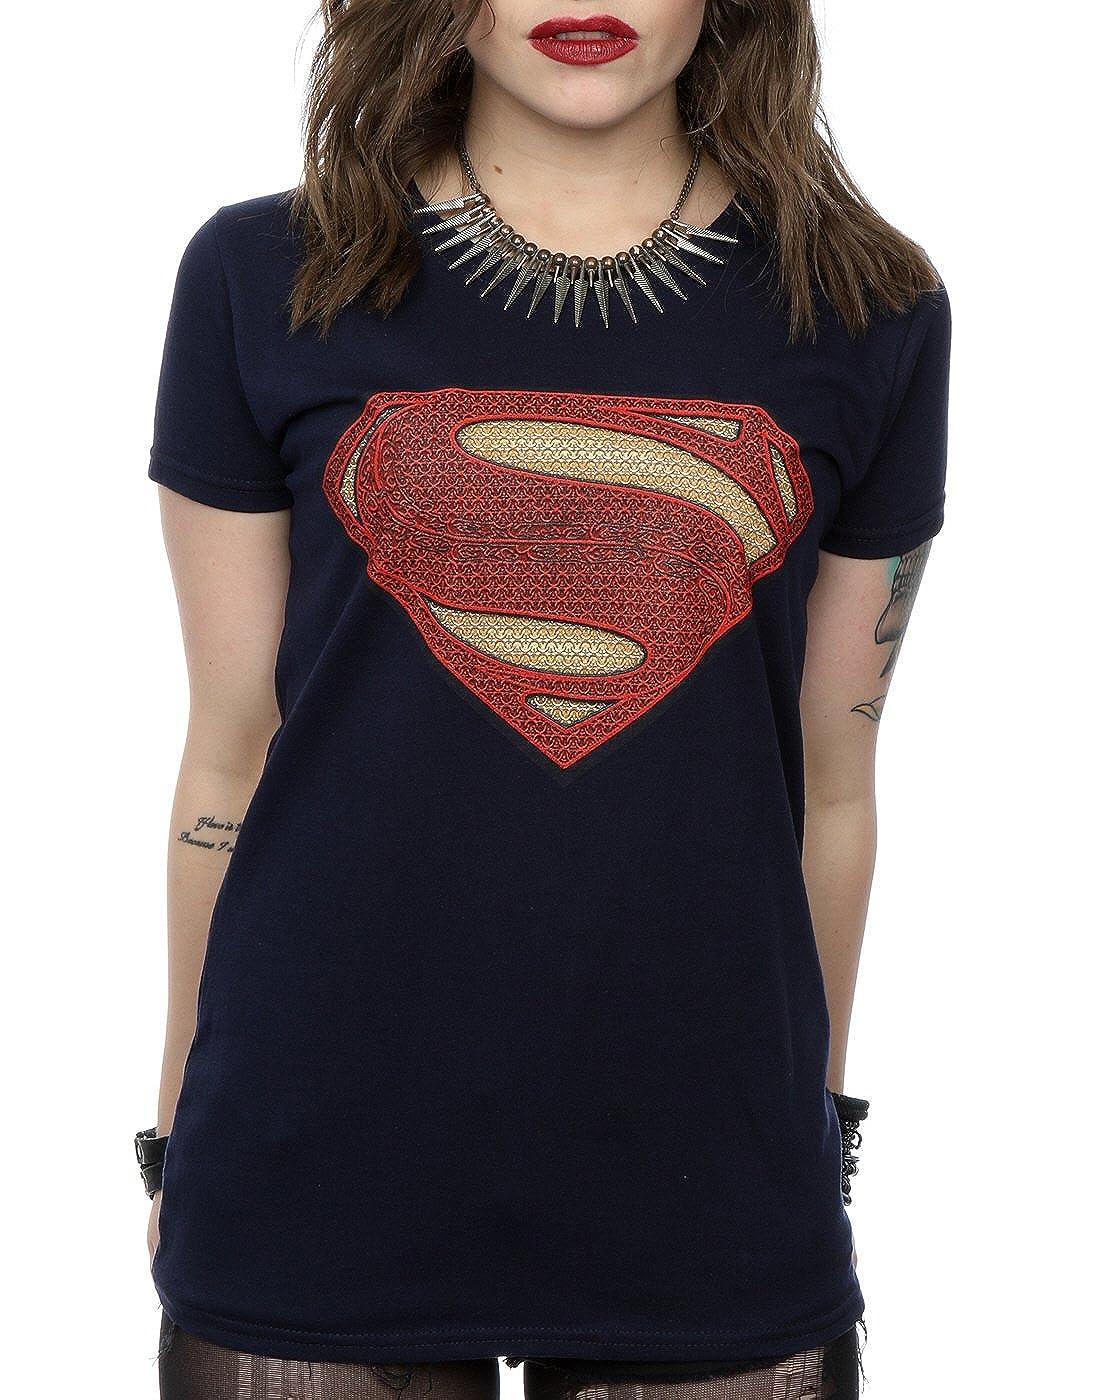 DC Comics Mujer Superman Man of Steel Logo Camiseta: Amazon.es: Ropa y accesorios